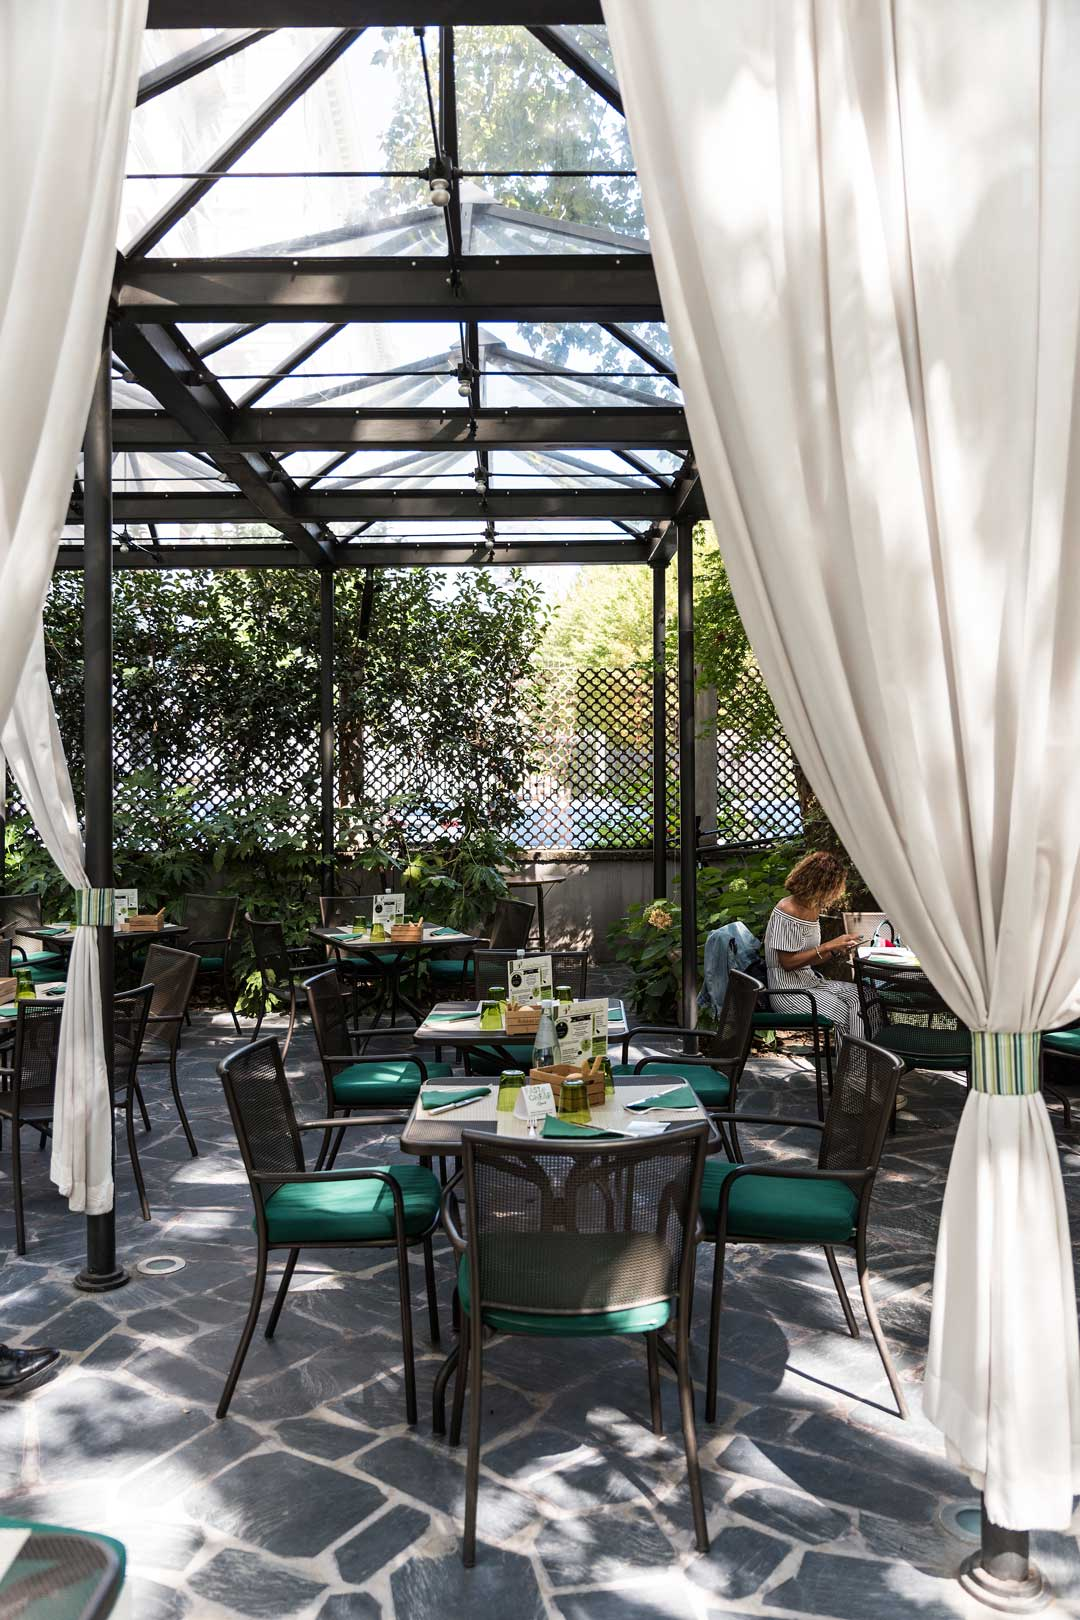 Manin Restaurant | Hotel Manin